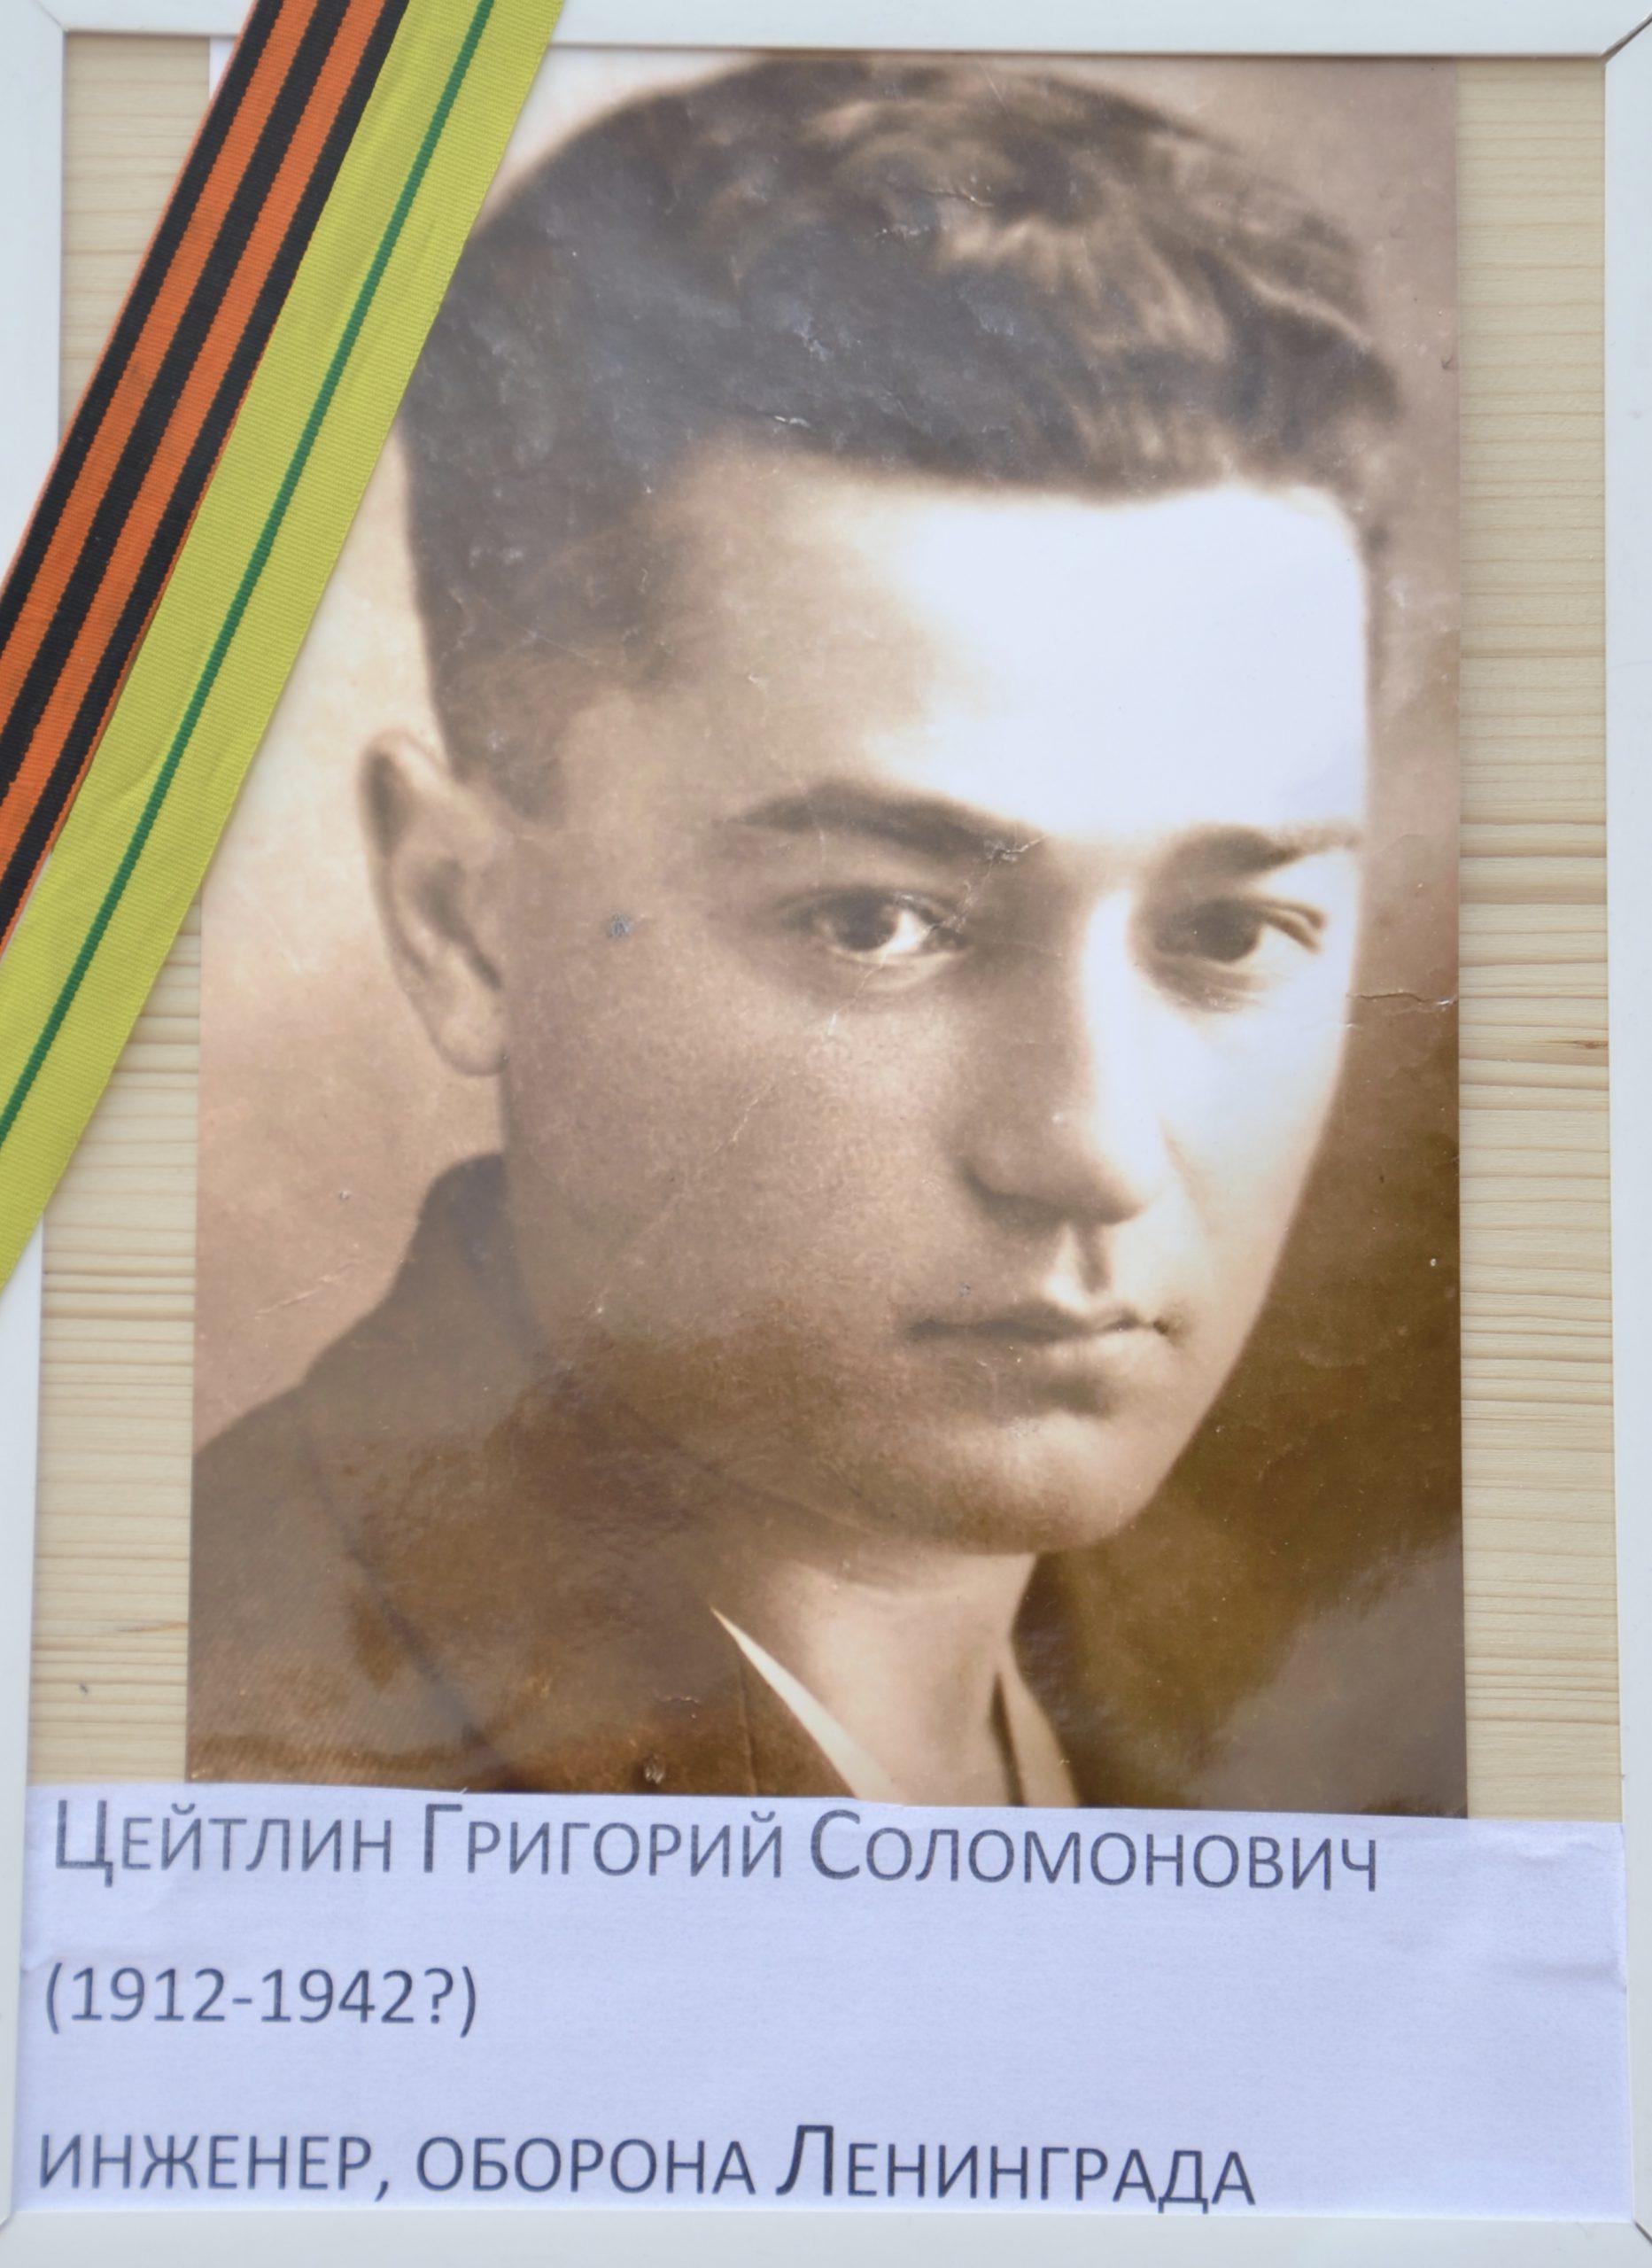 Ein auf Sperrholz geklebtes, braun-weißes Portraitfoto eines jungen Mannes mit dichtem, welligen Haar. Darunter die russischen Daten zur Person.